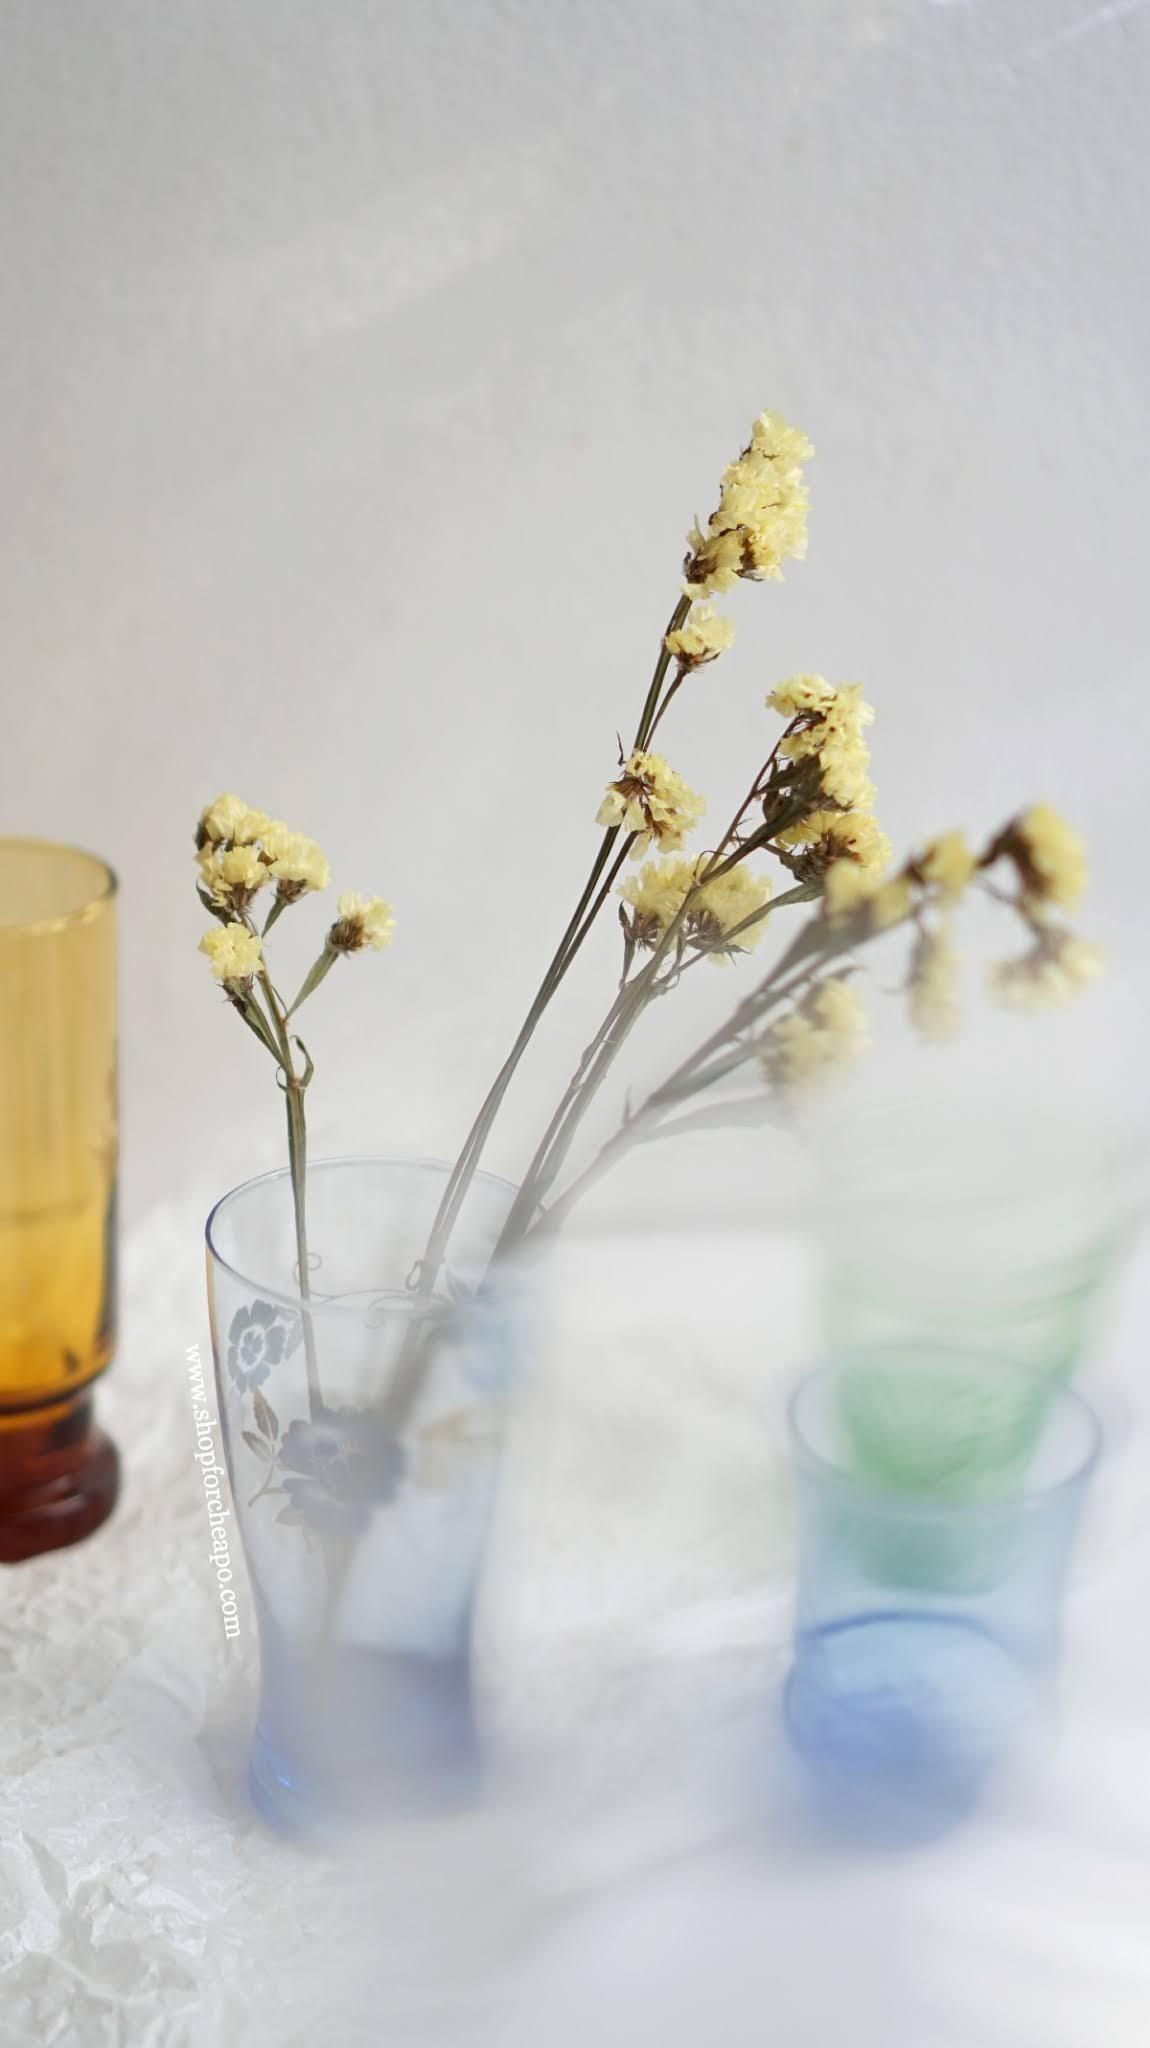 bunga kering statice yellow di dalam vas gelas